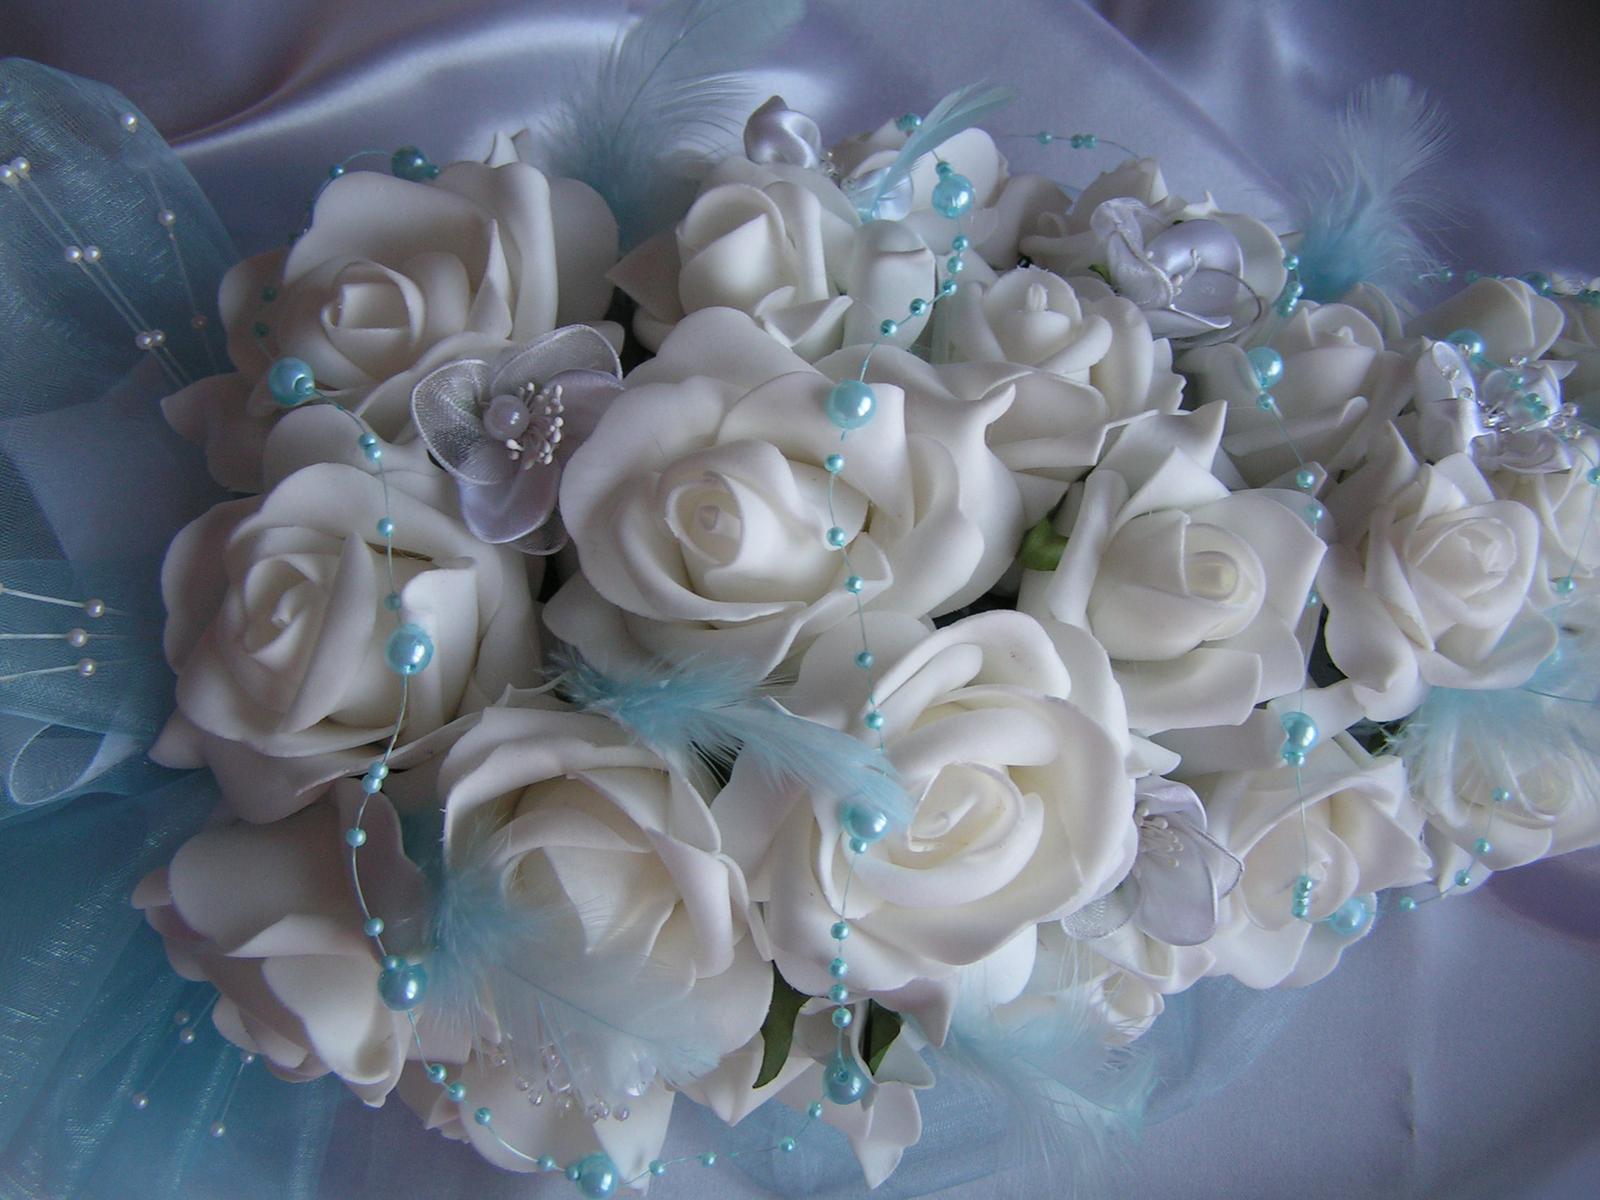 Podlouhlá kytice z pěnových růží - Obrázek č. 2